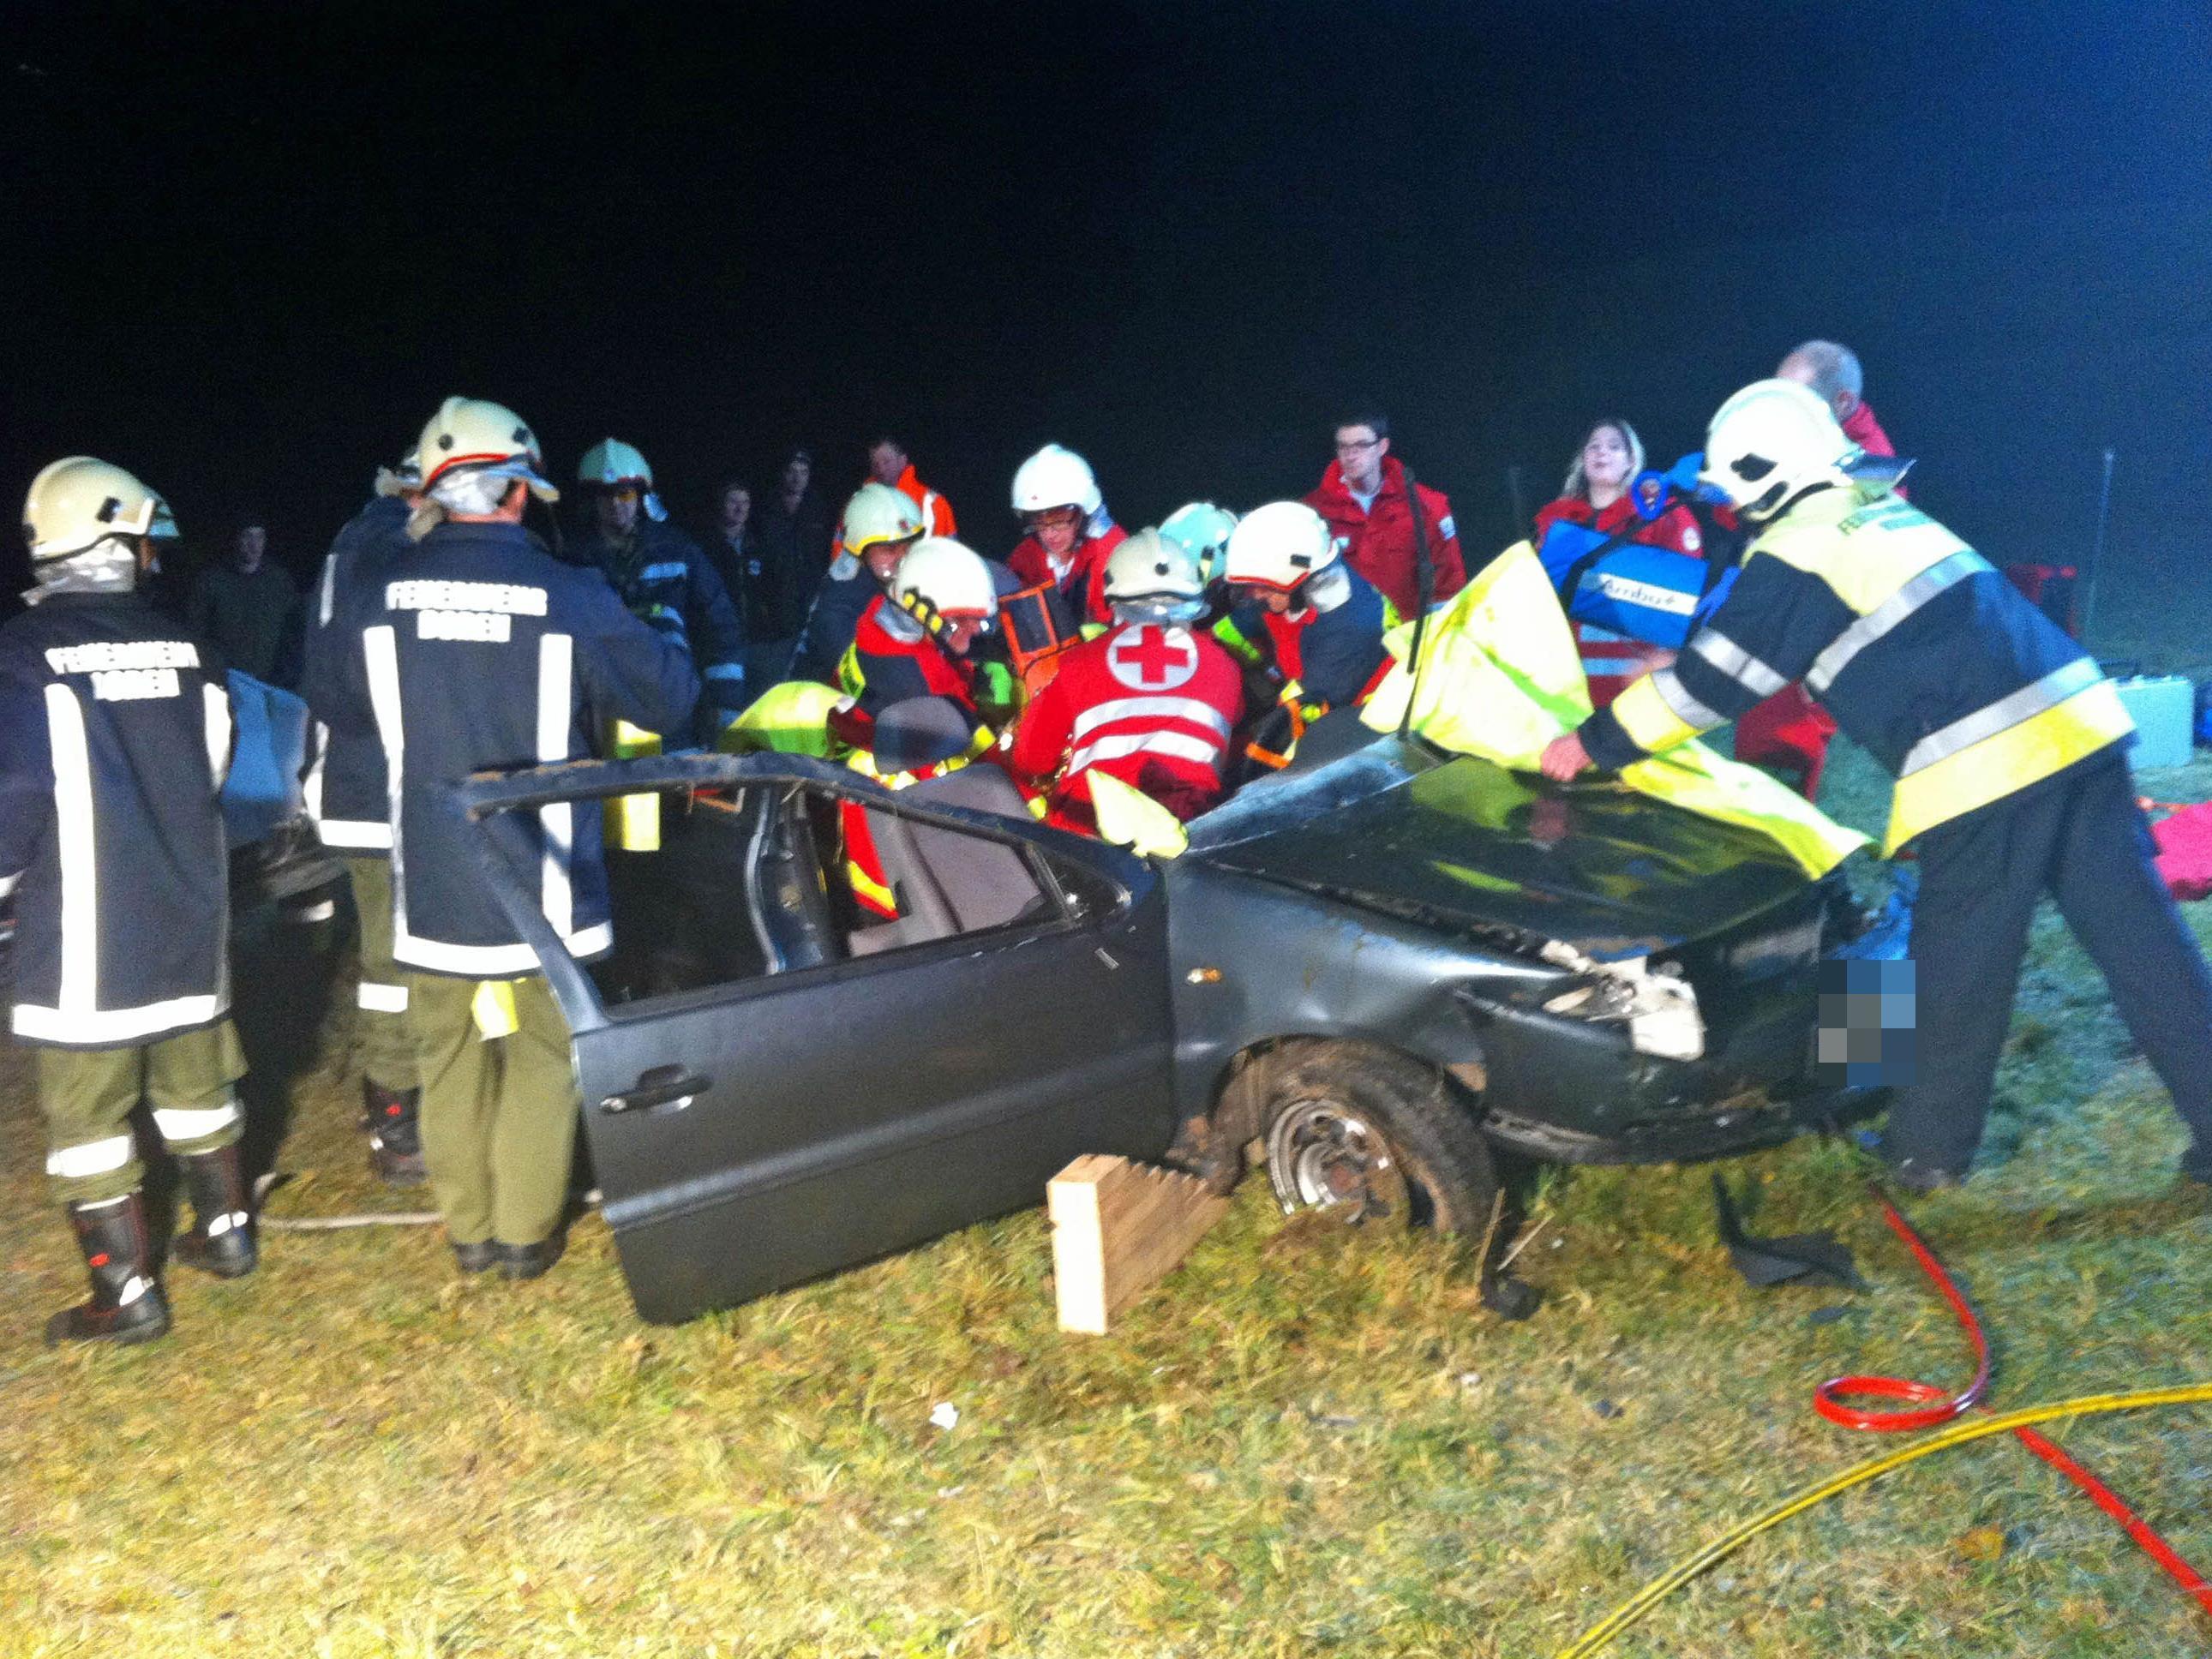 Ein schwerer Unfall forderte am Montagabend einen Verletzten